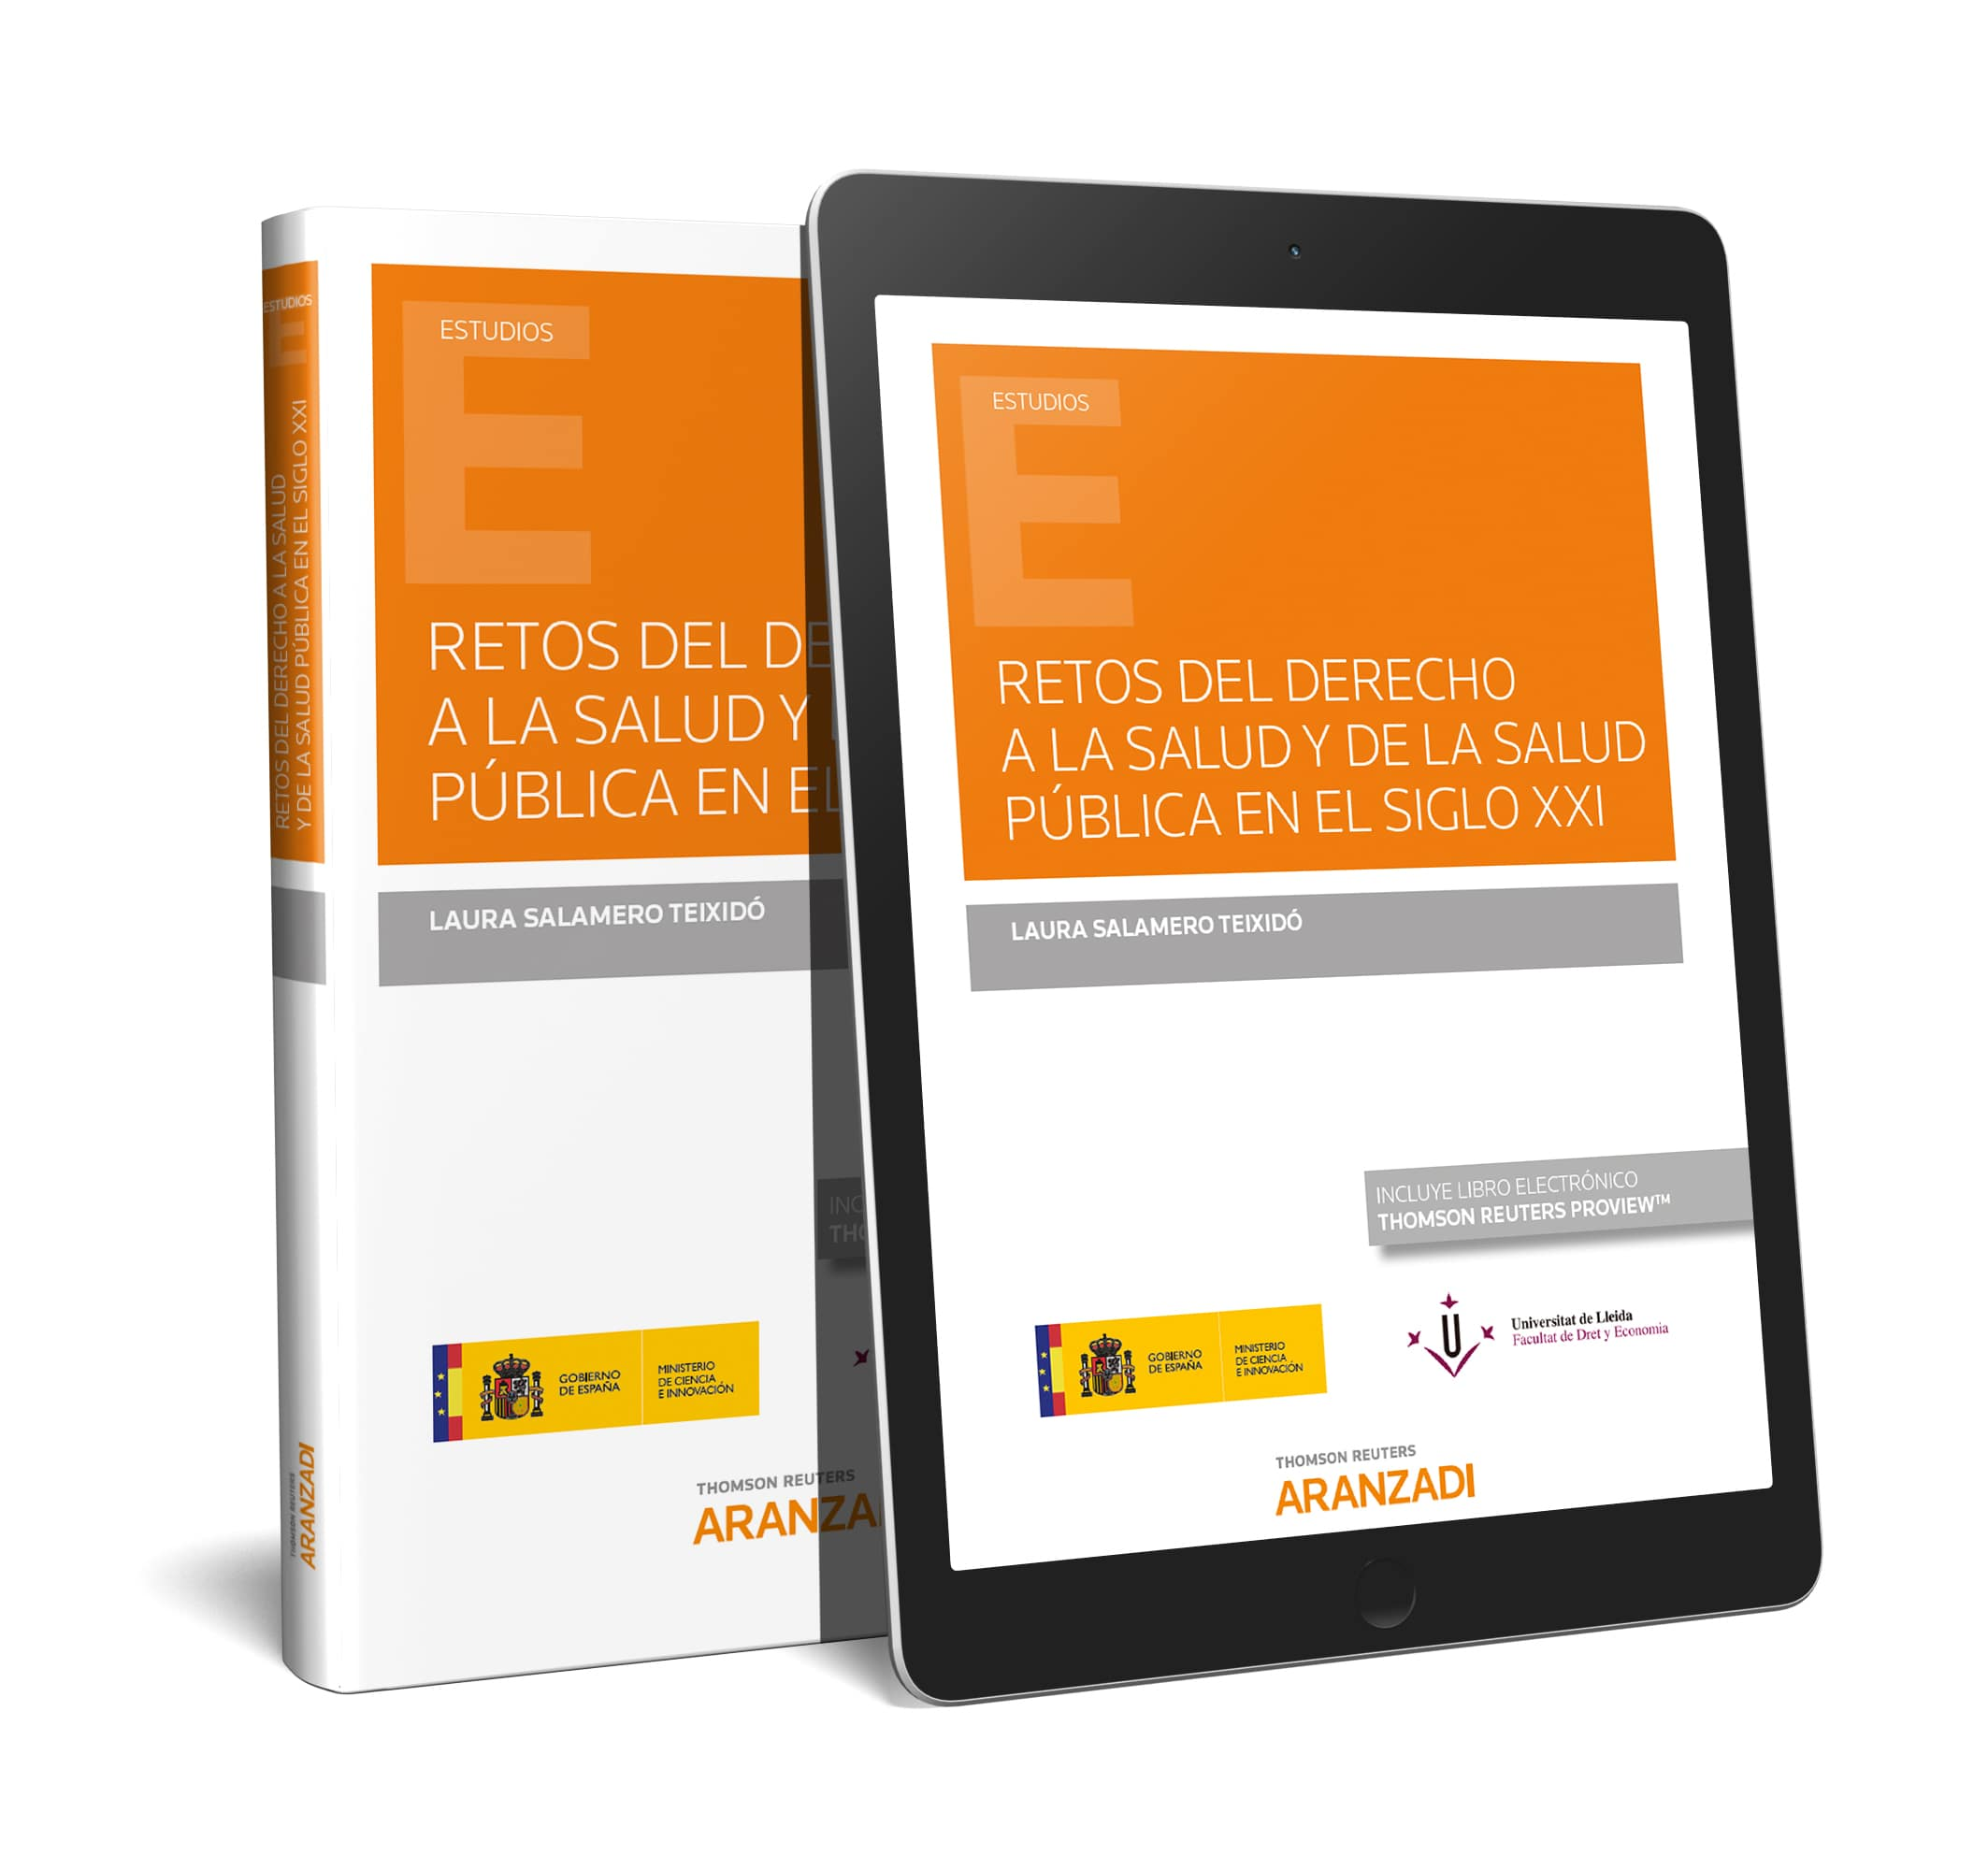 RETOS DEL DERECHO A LA SALUD Y DE LA SALUD PUBLICA EN EL SIGLO XXI